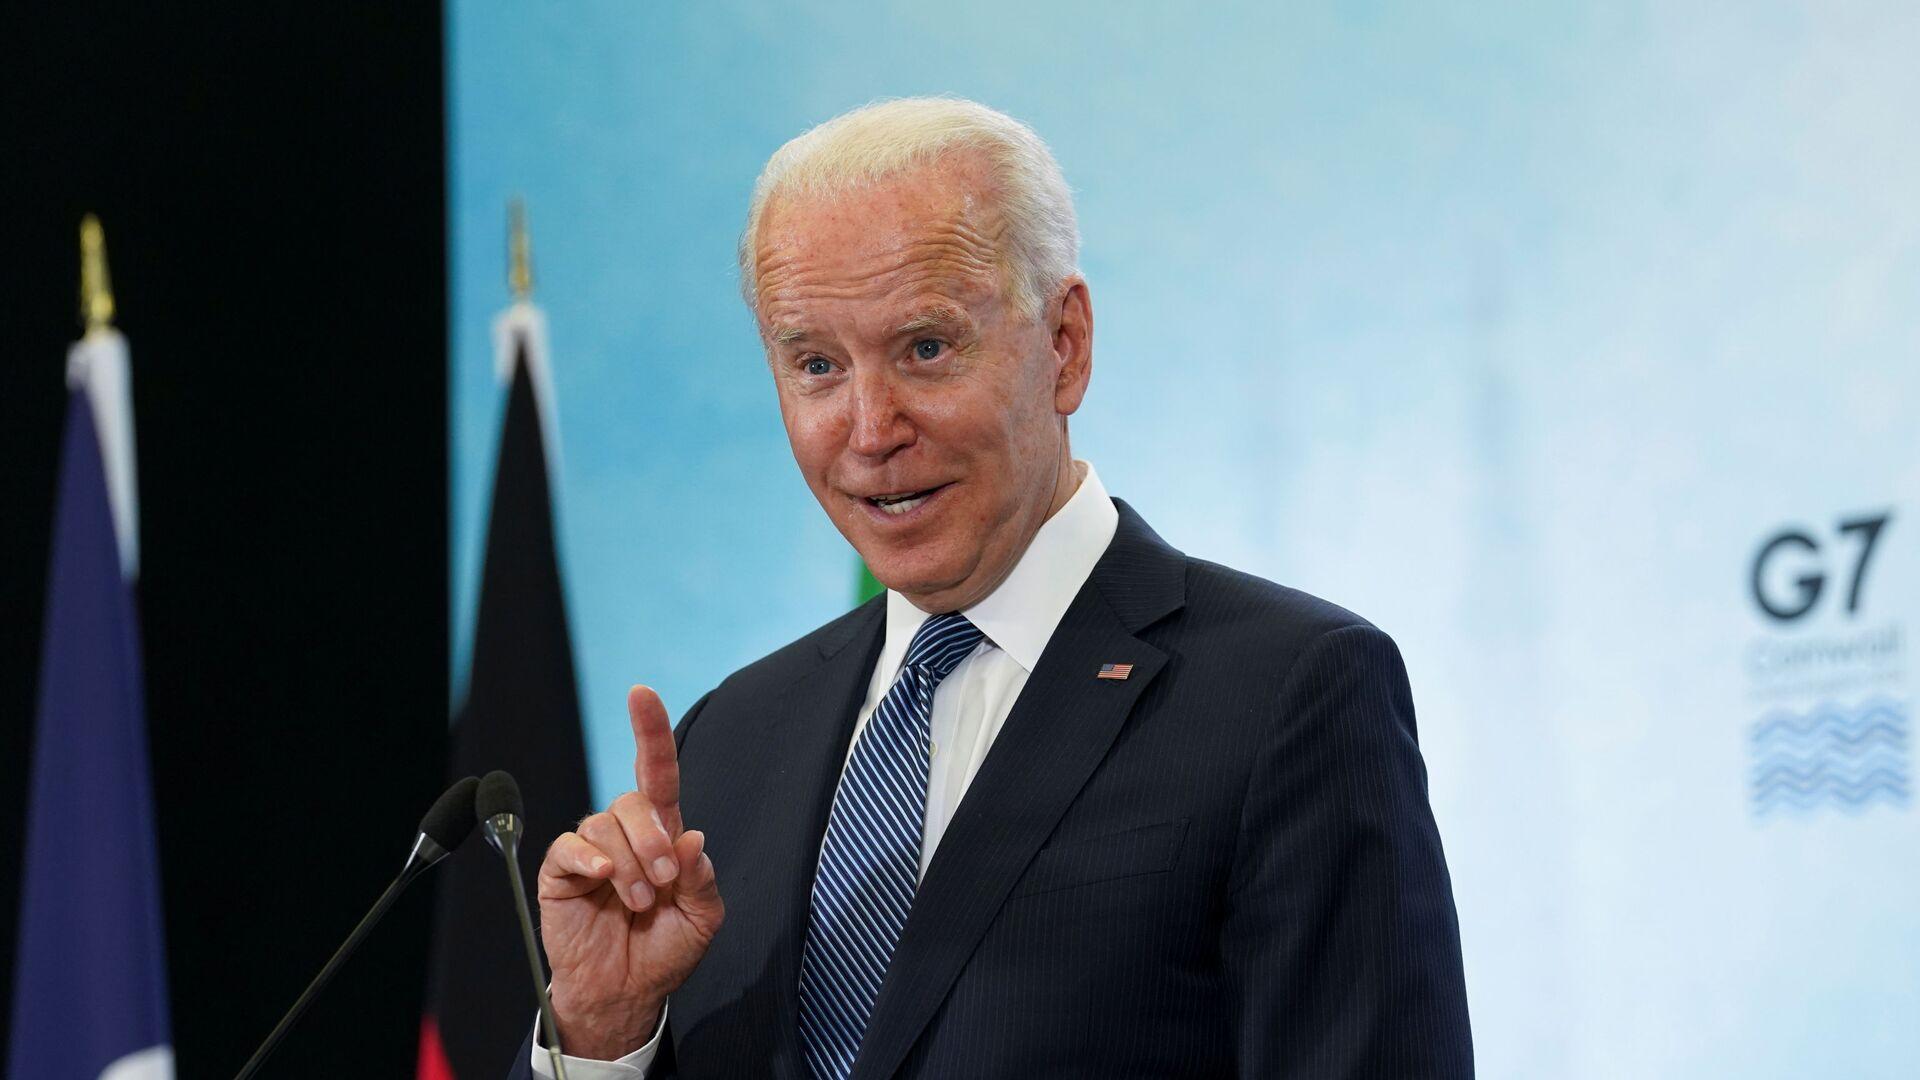 Prezident USA Joe Biden - Sputnik Česká republika, 1920, 14.06.2021